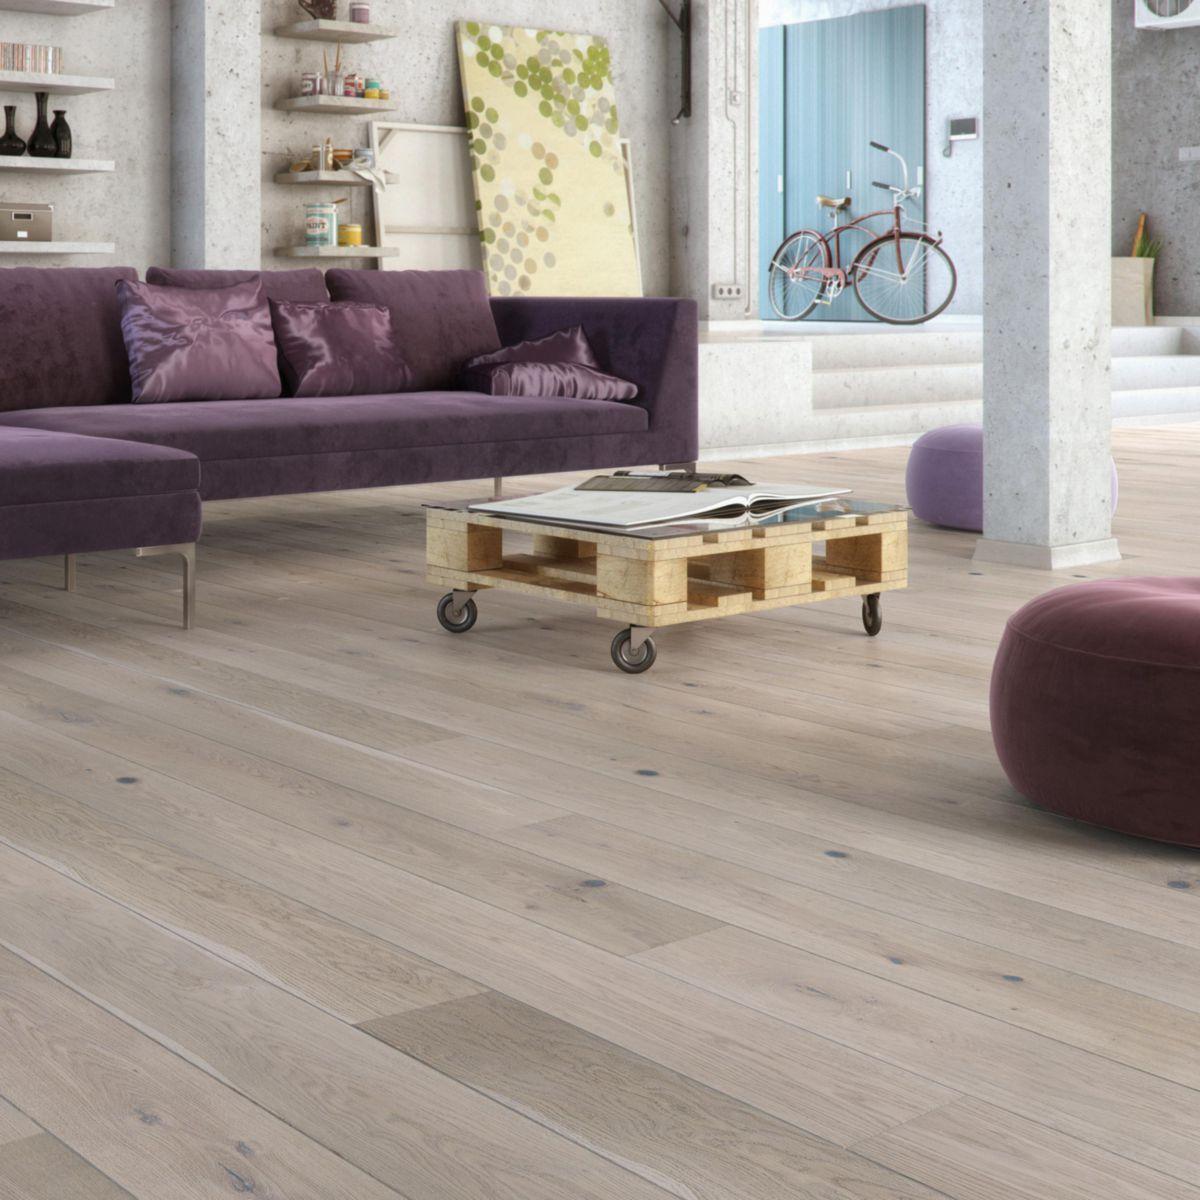 parquet mosaique blanchi parquet rabot chne blanchi alpage with parquet mosaique blanchi. Black Bedroom Furniture Sets. Home Design Ideas